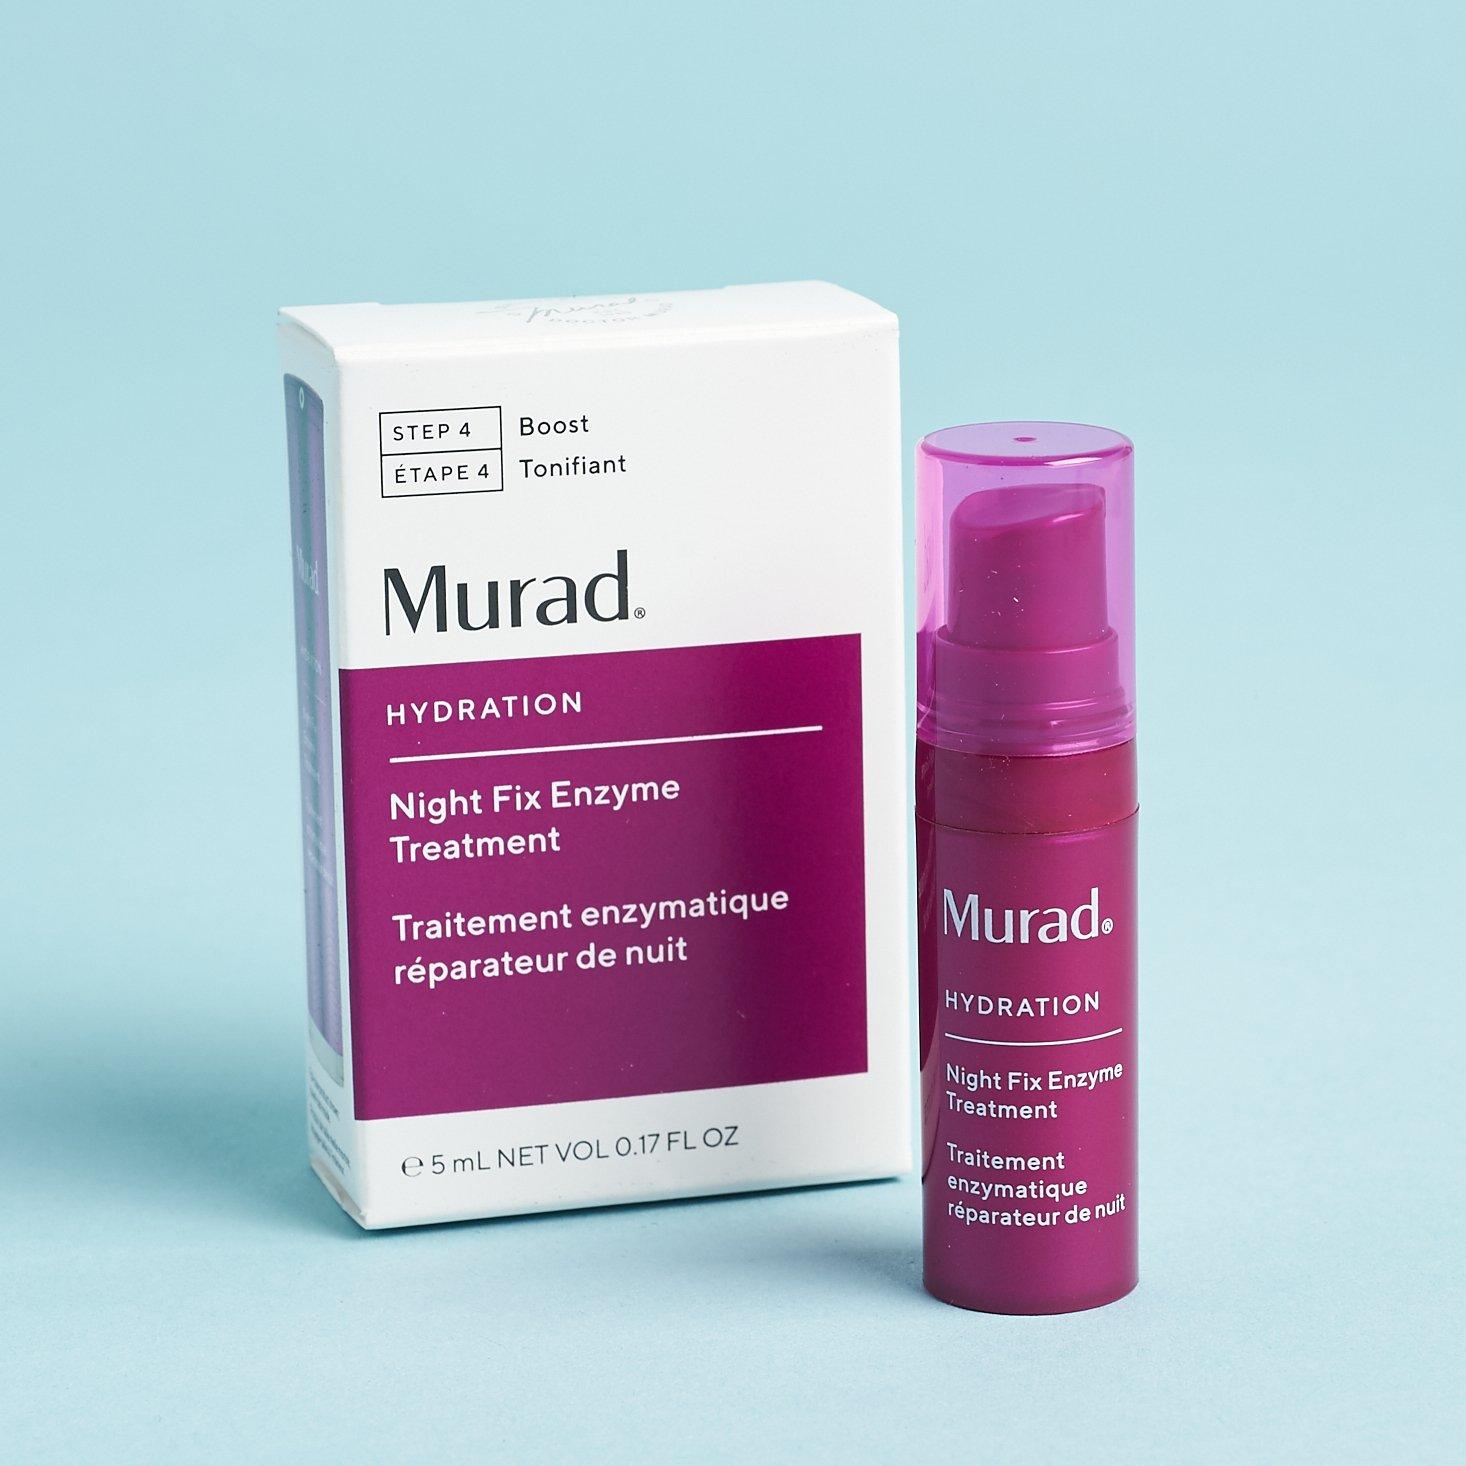 magenta tube of serum